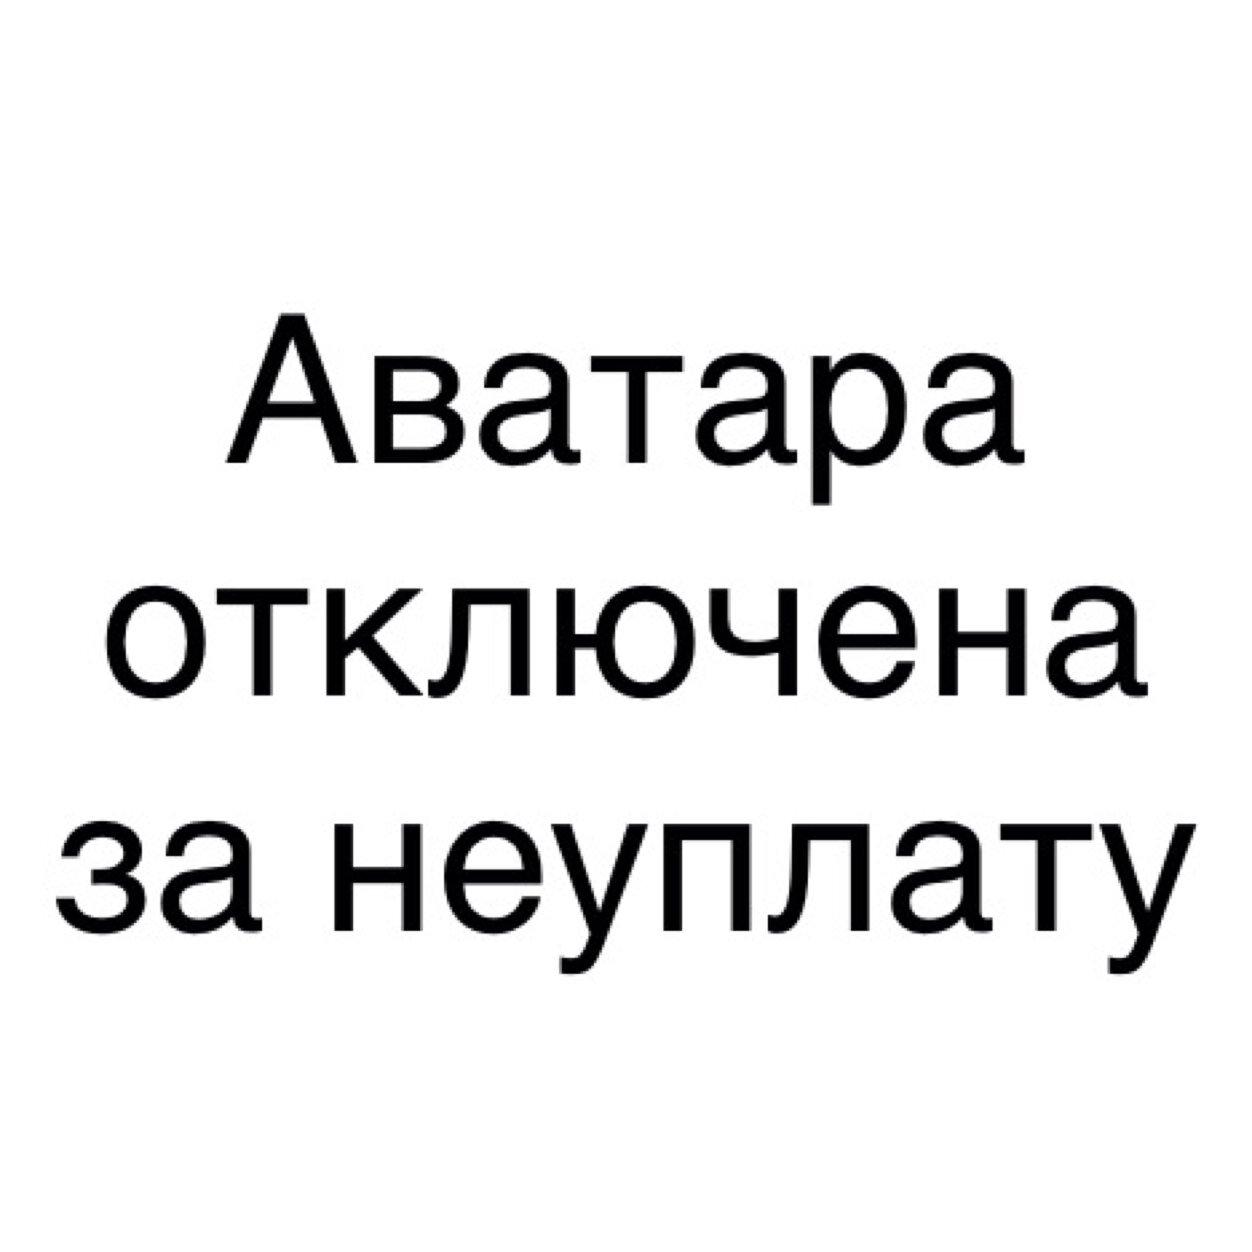 Картинки аватар отключен